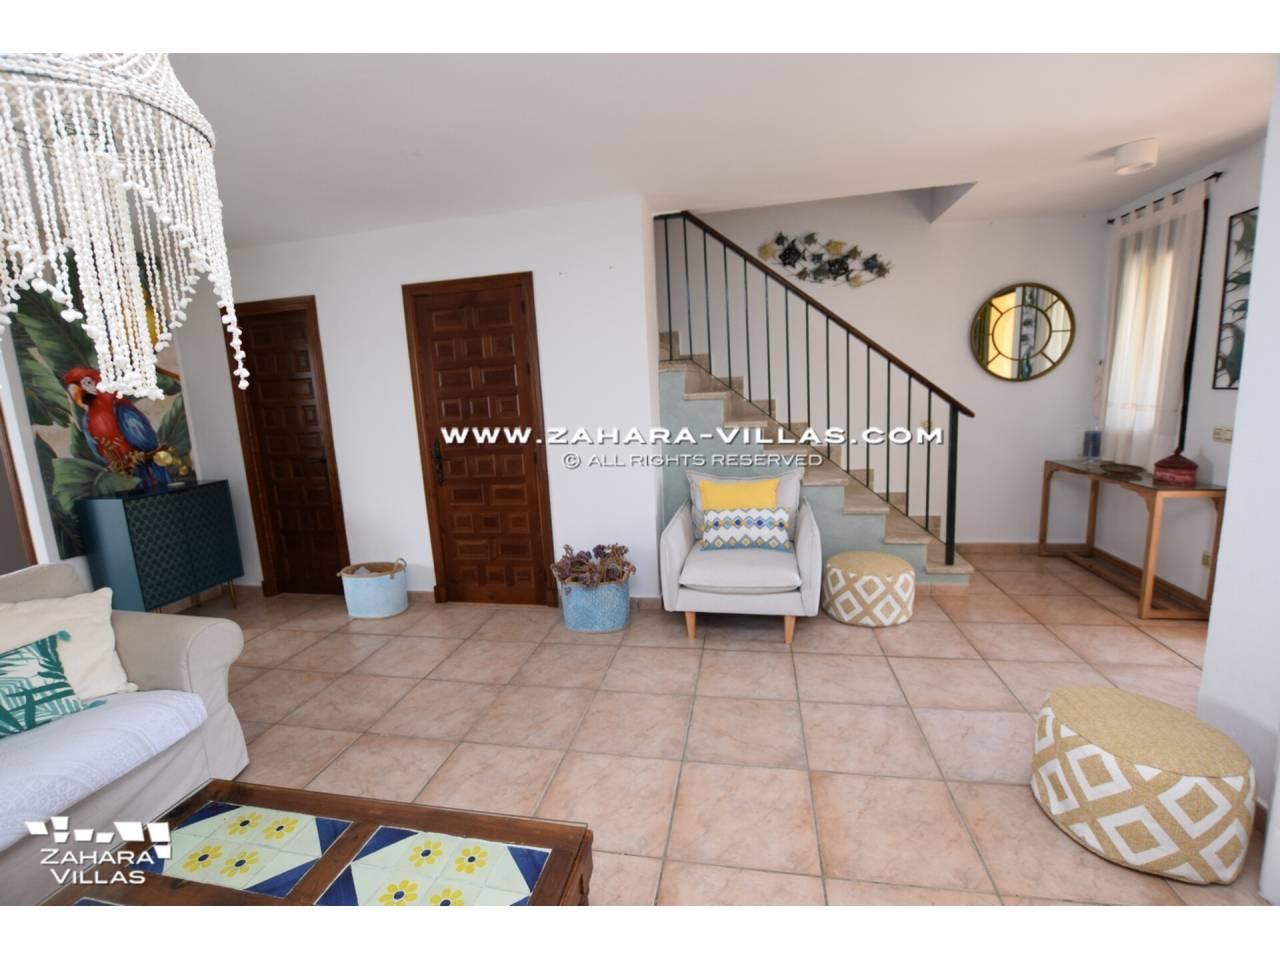 Imagen 8 de Casa Adosada con vistas al mar en venta en Urb. Jardines de Zahara